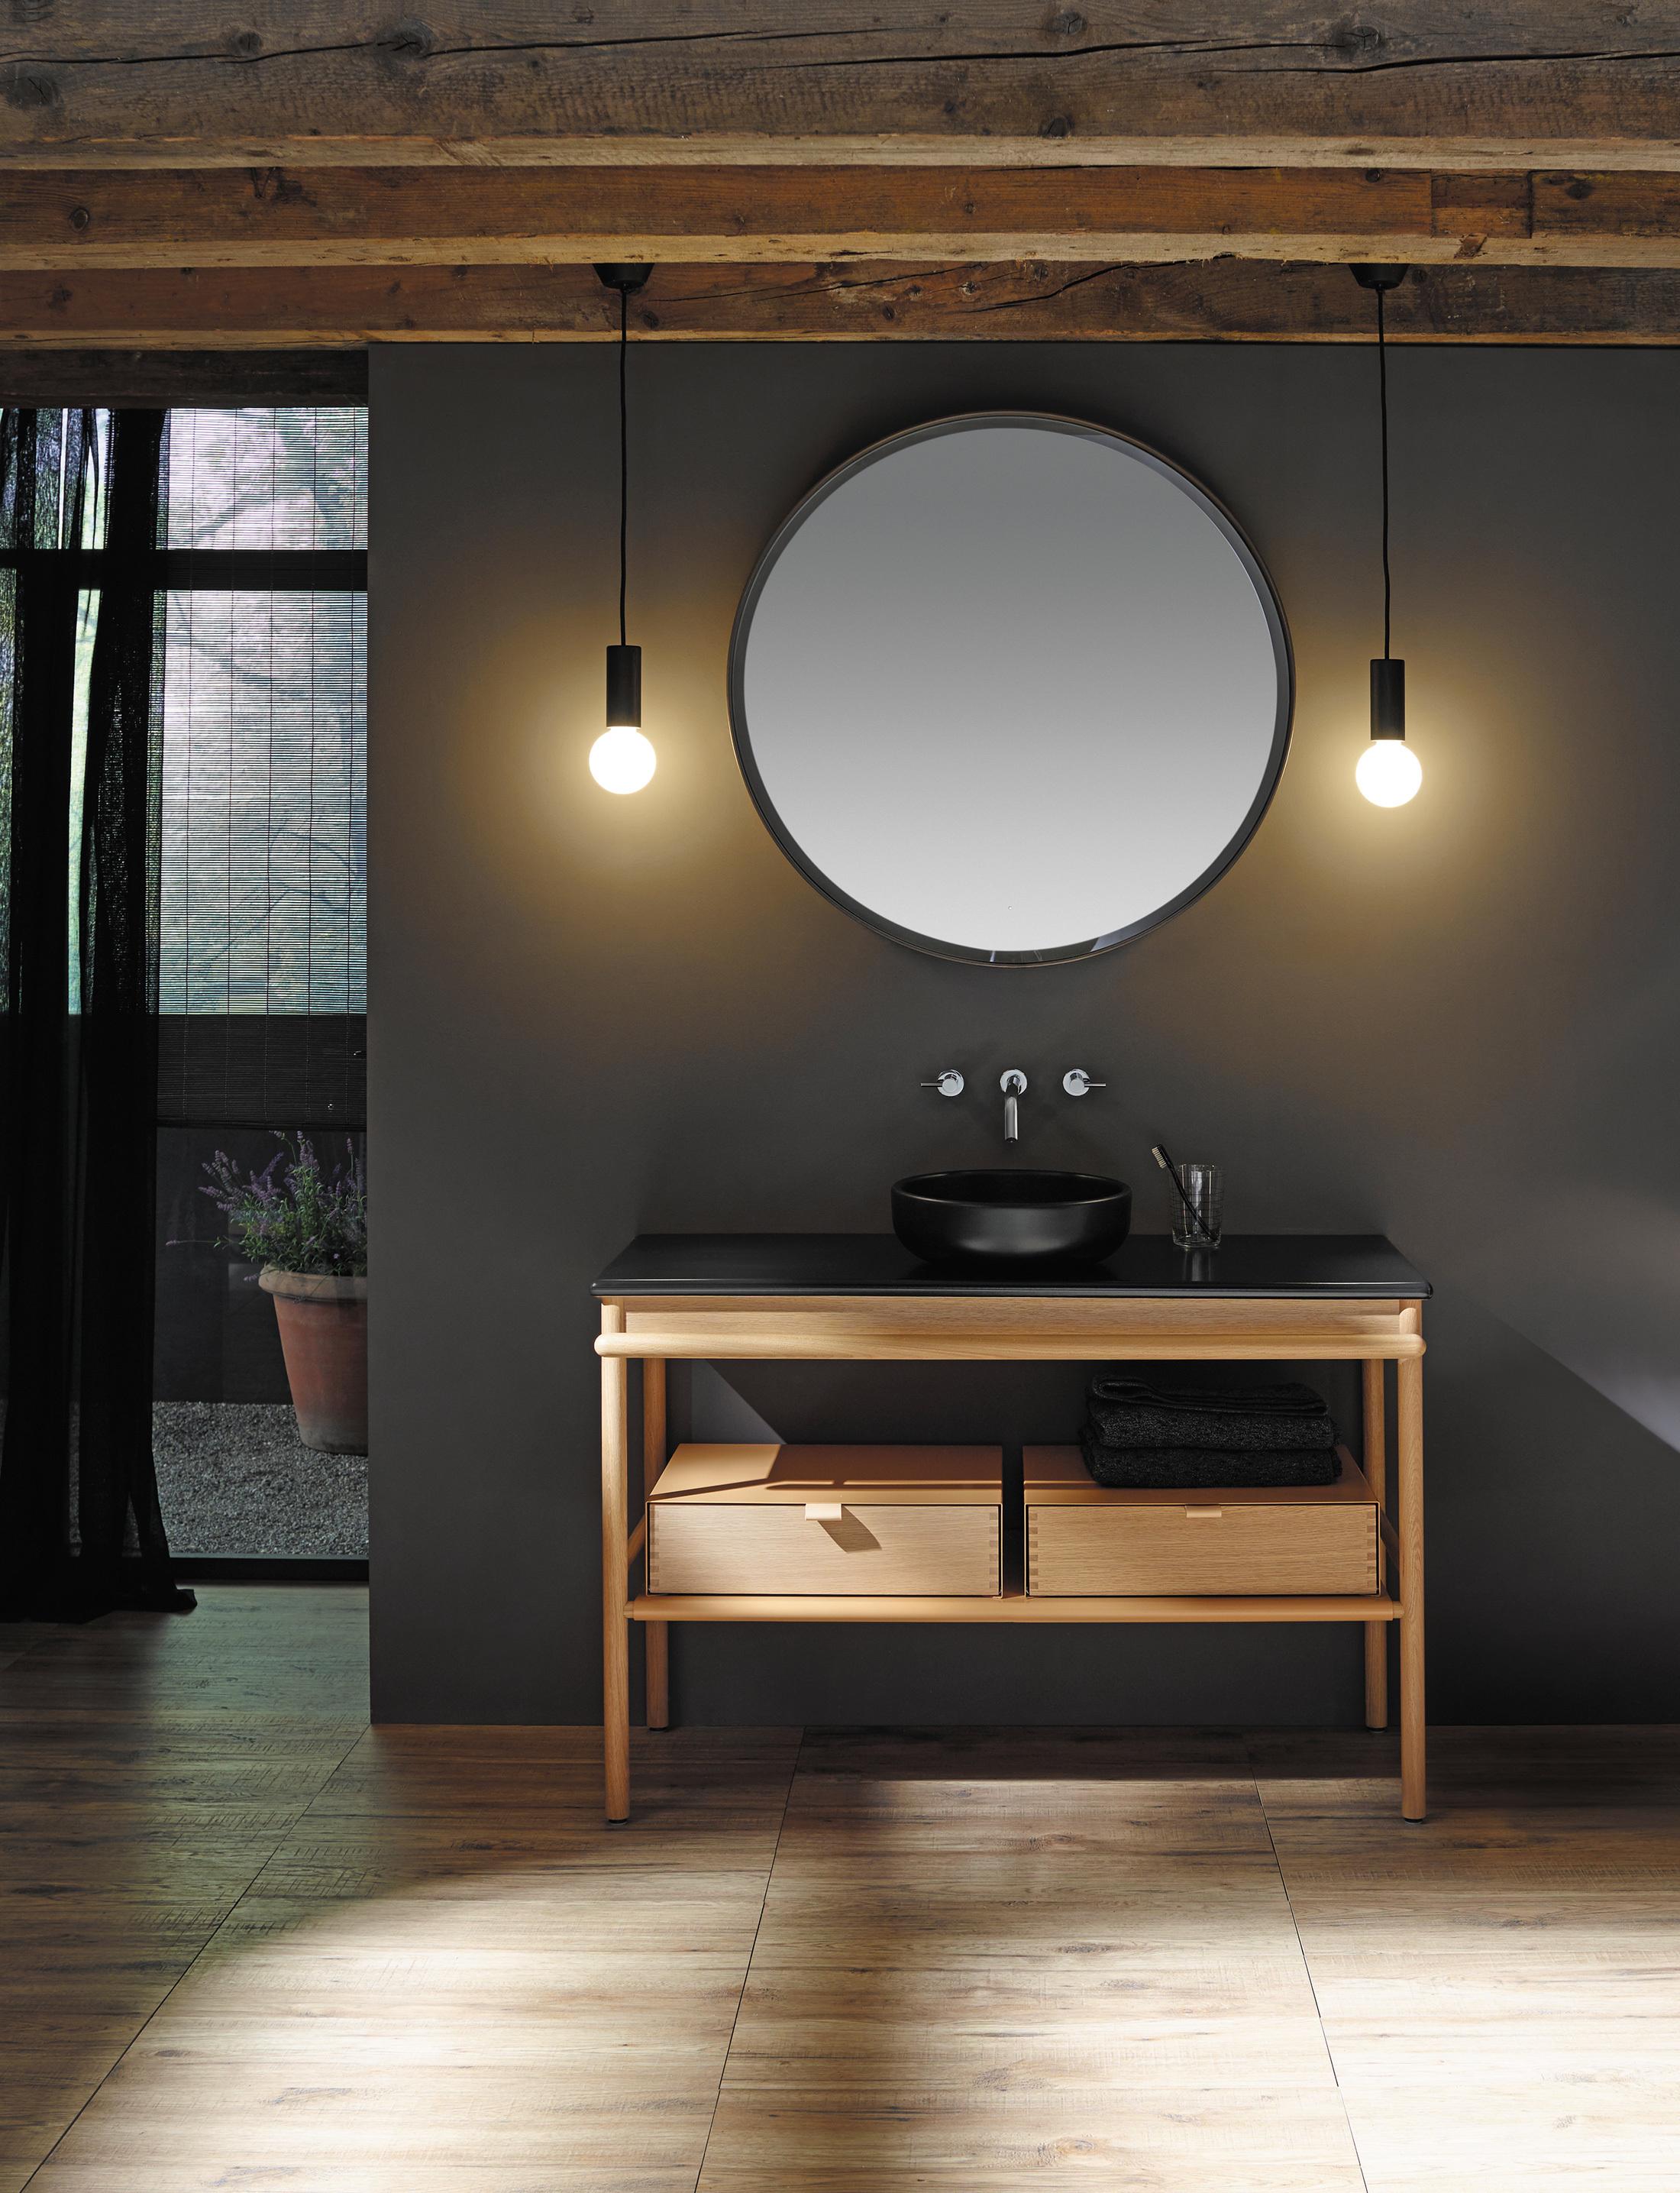 mya keramik aufsatzwaschtisch mit waschtischunterschrank. Black Bedroom Furniture Sets. Home Design Ideas